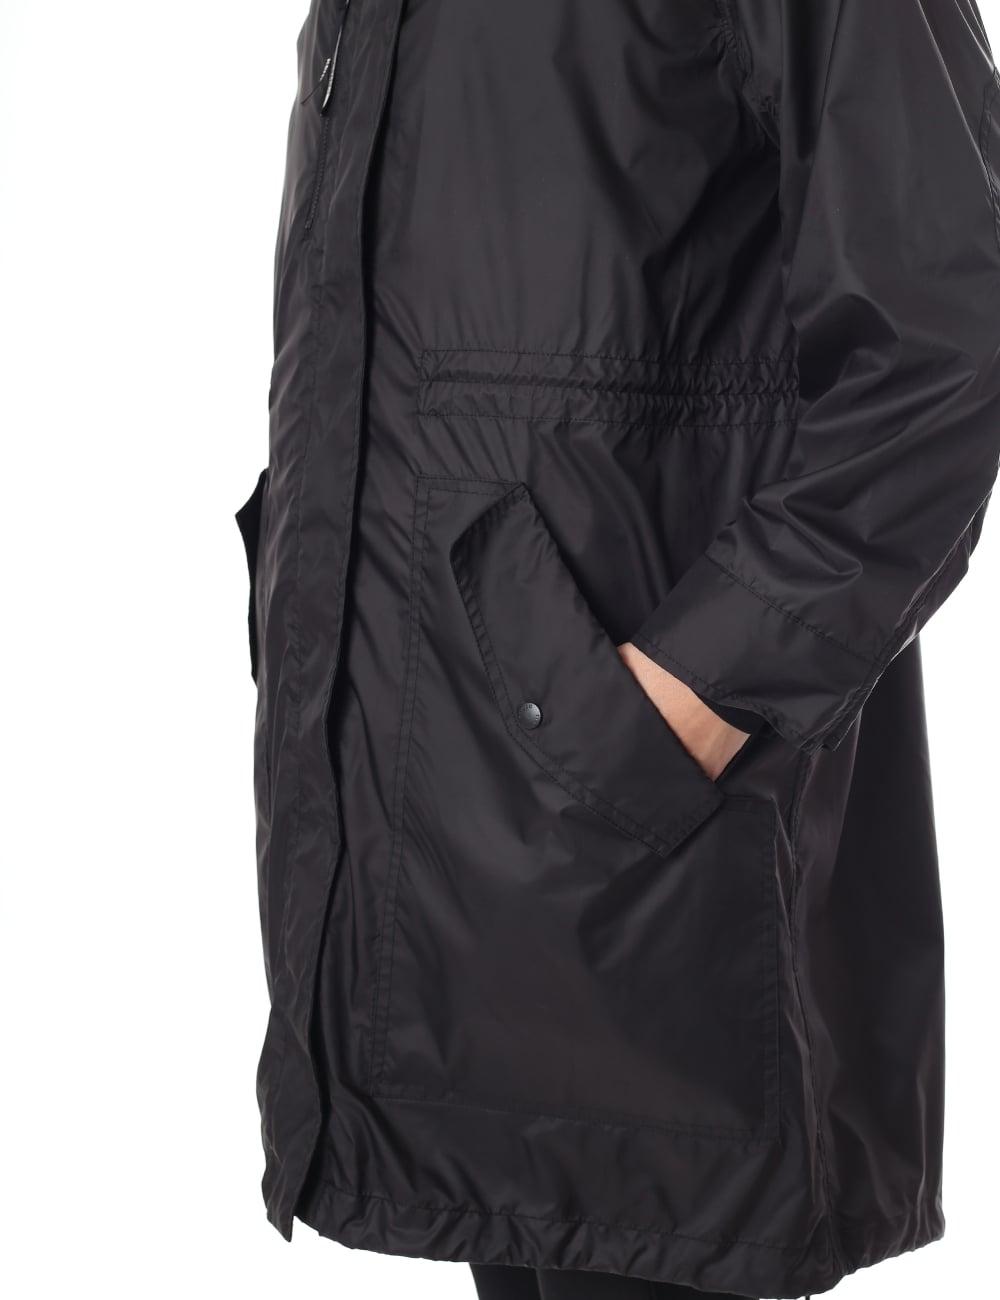 prix le plus bas 100% authentique modèle unique Women's Parka Jacket